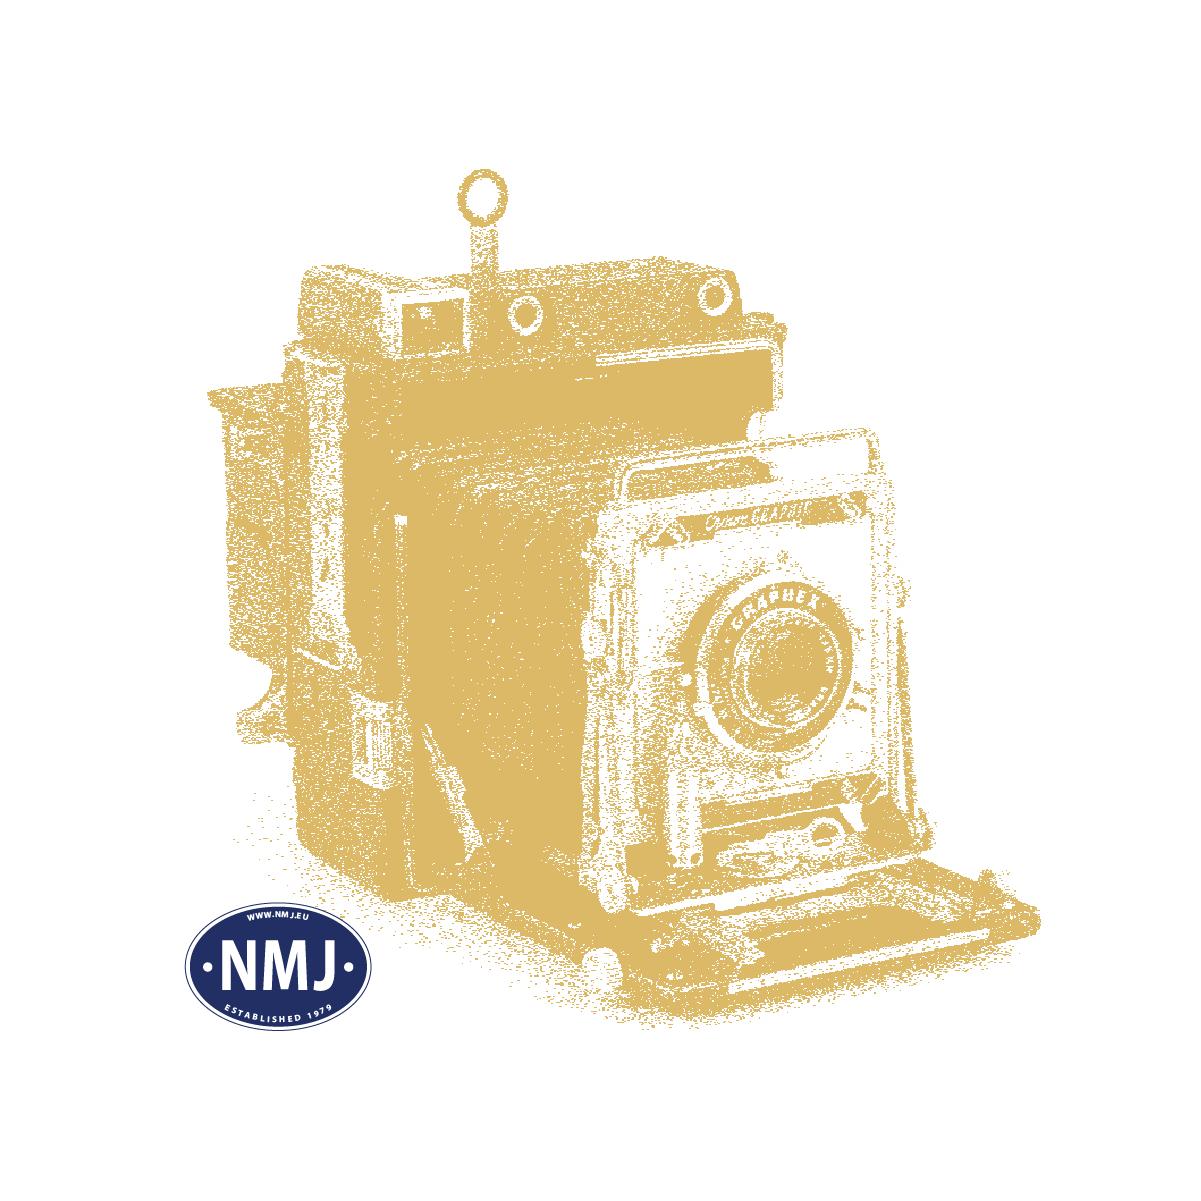 NMJT90405 - NMJ Topline SNCB 5206, DC